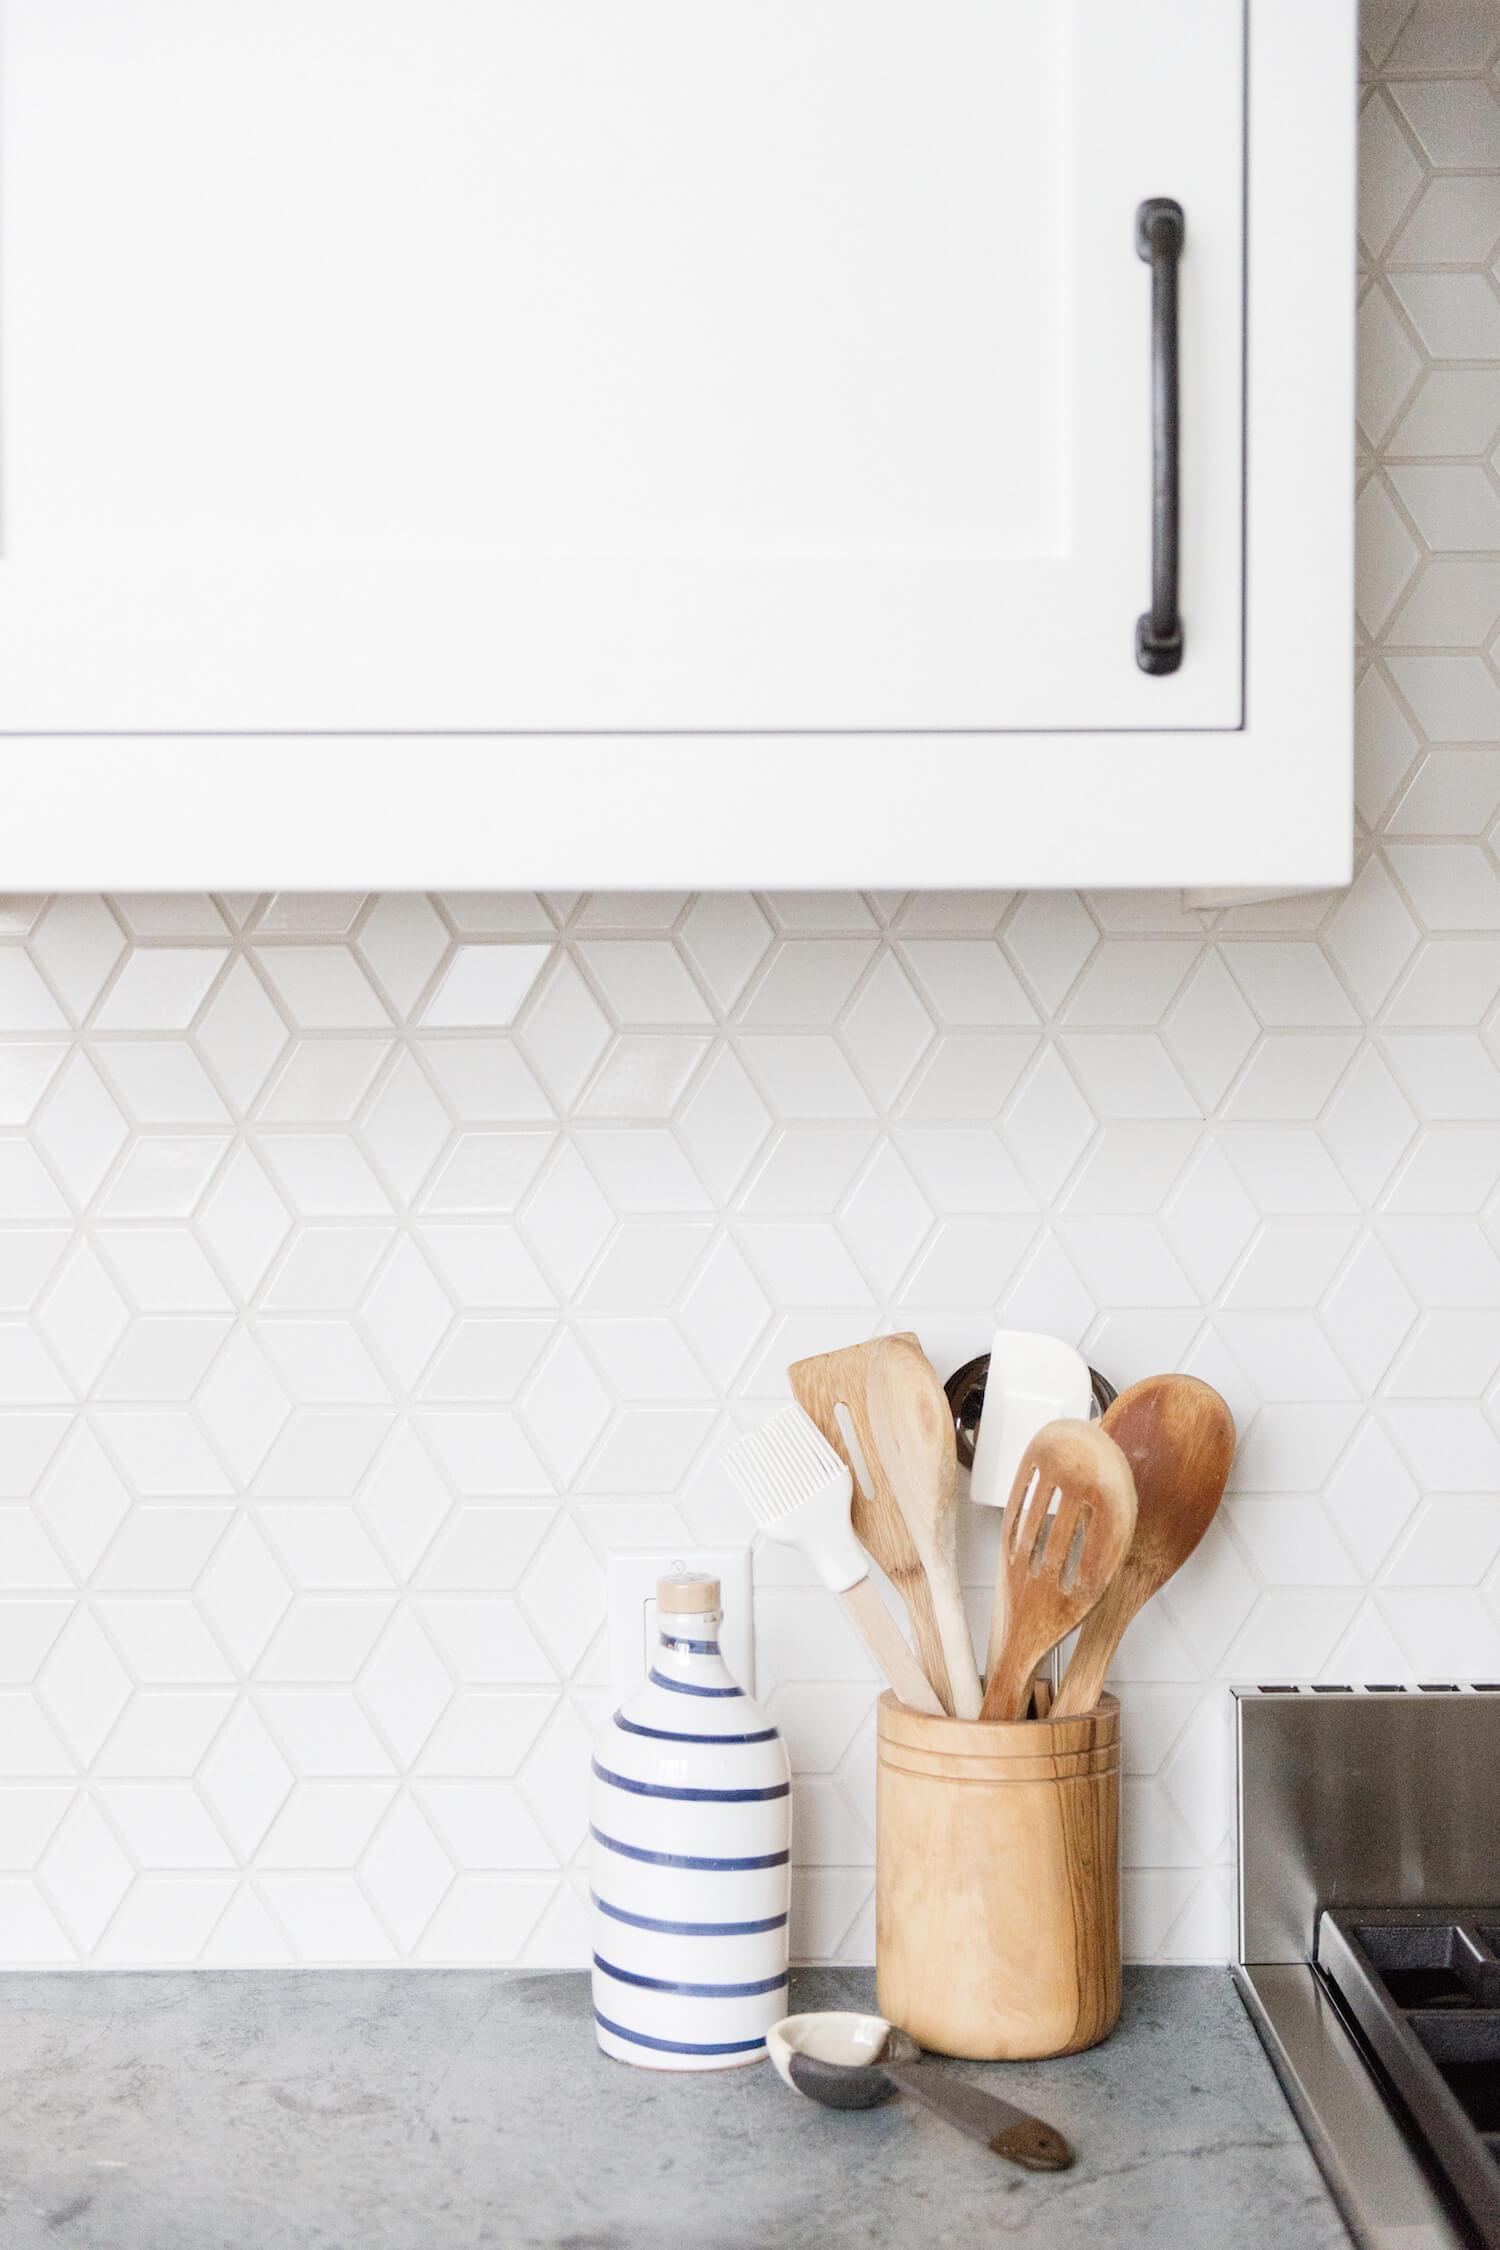 Geometric kitchen splashback